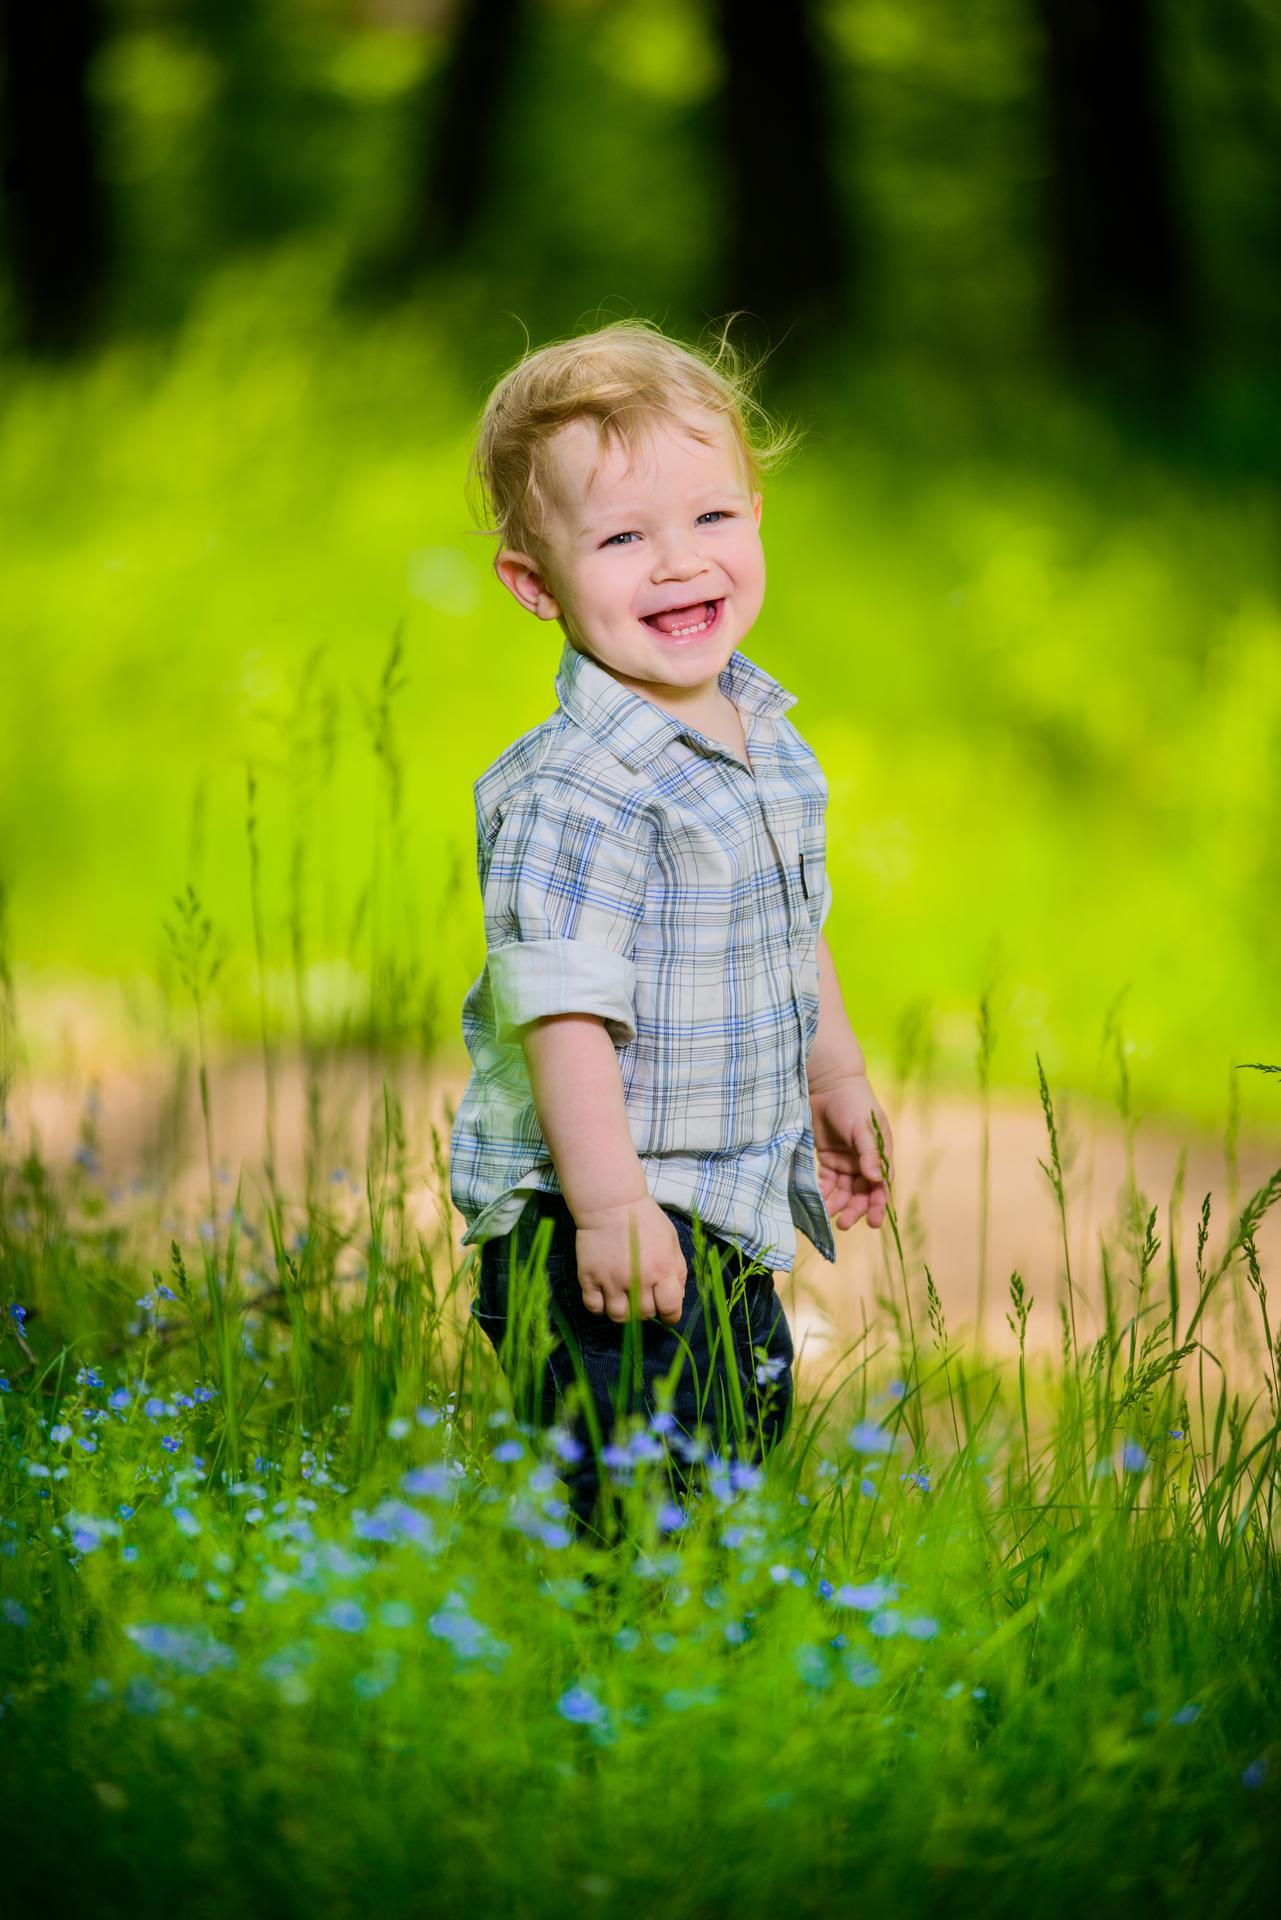 улыбчевый ребенок